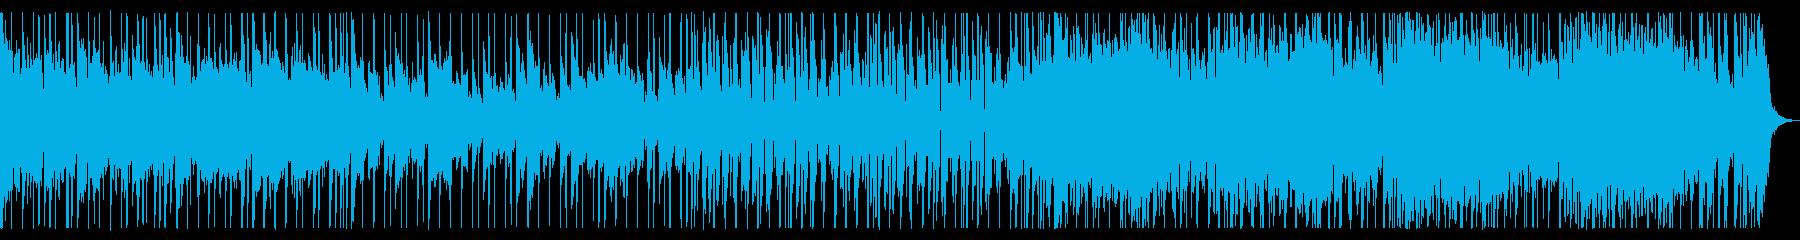 爽やか。日常。歌モノポップスのオケ。の再生済みの波形